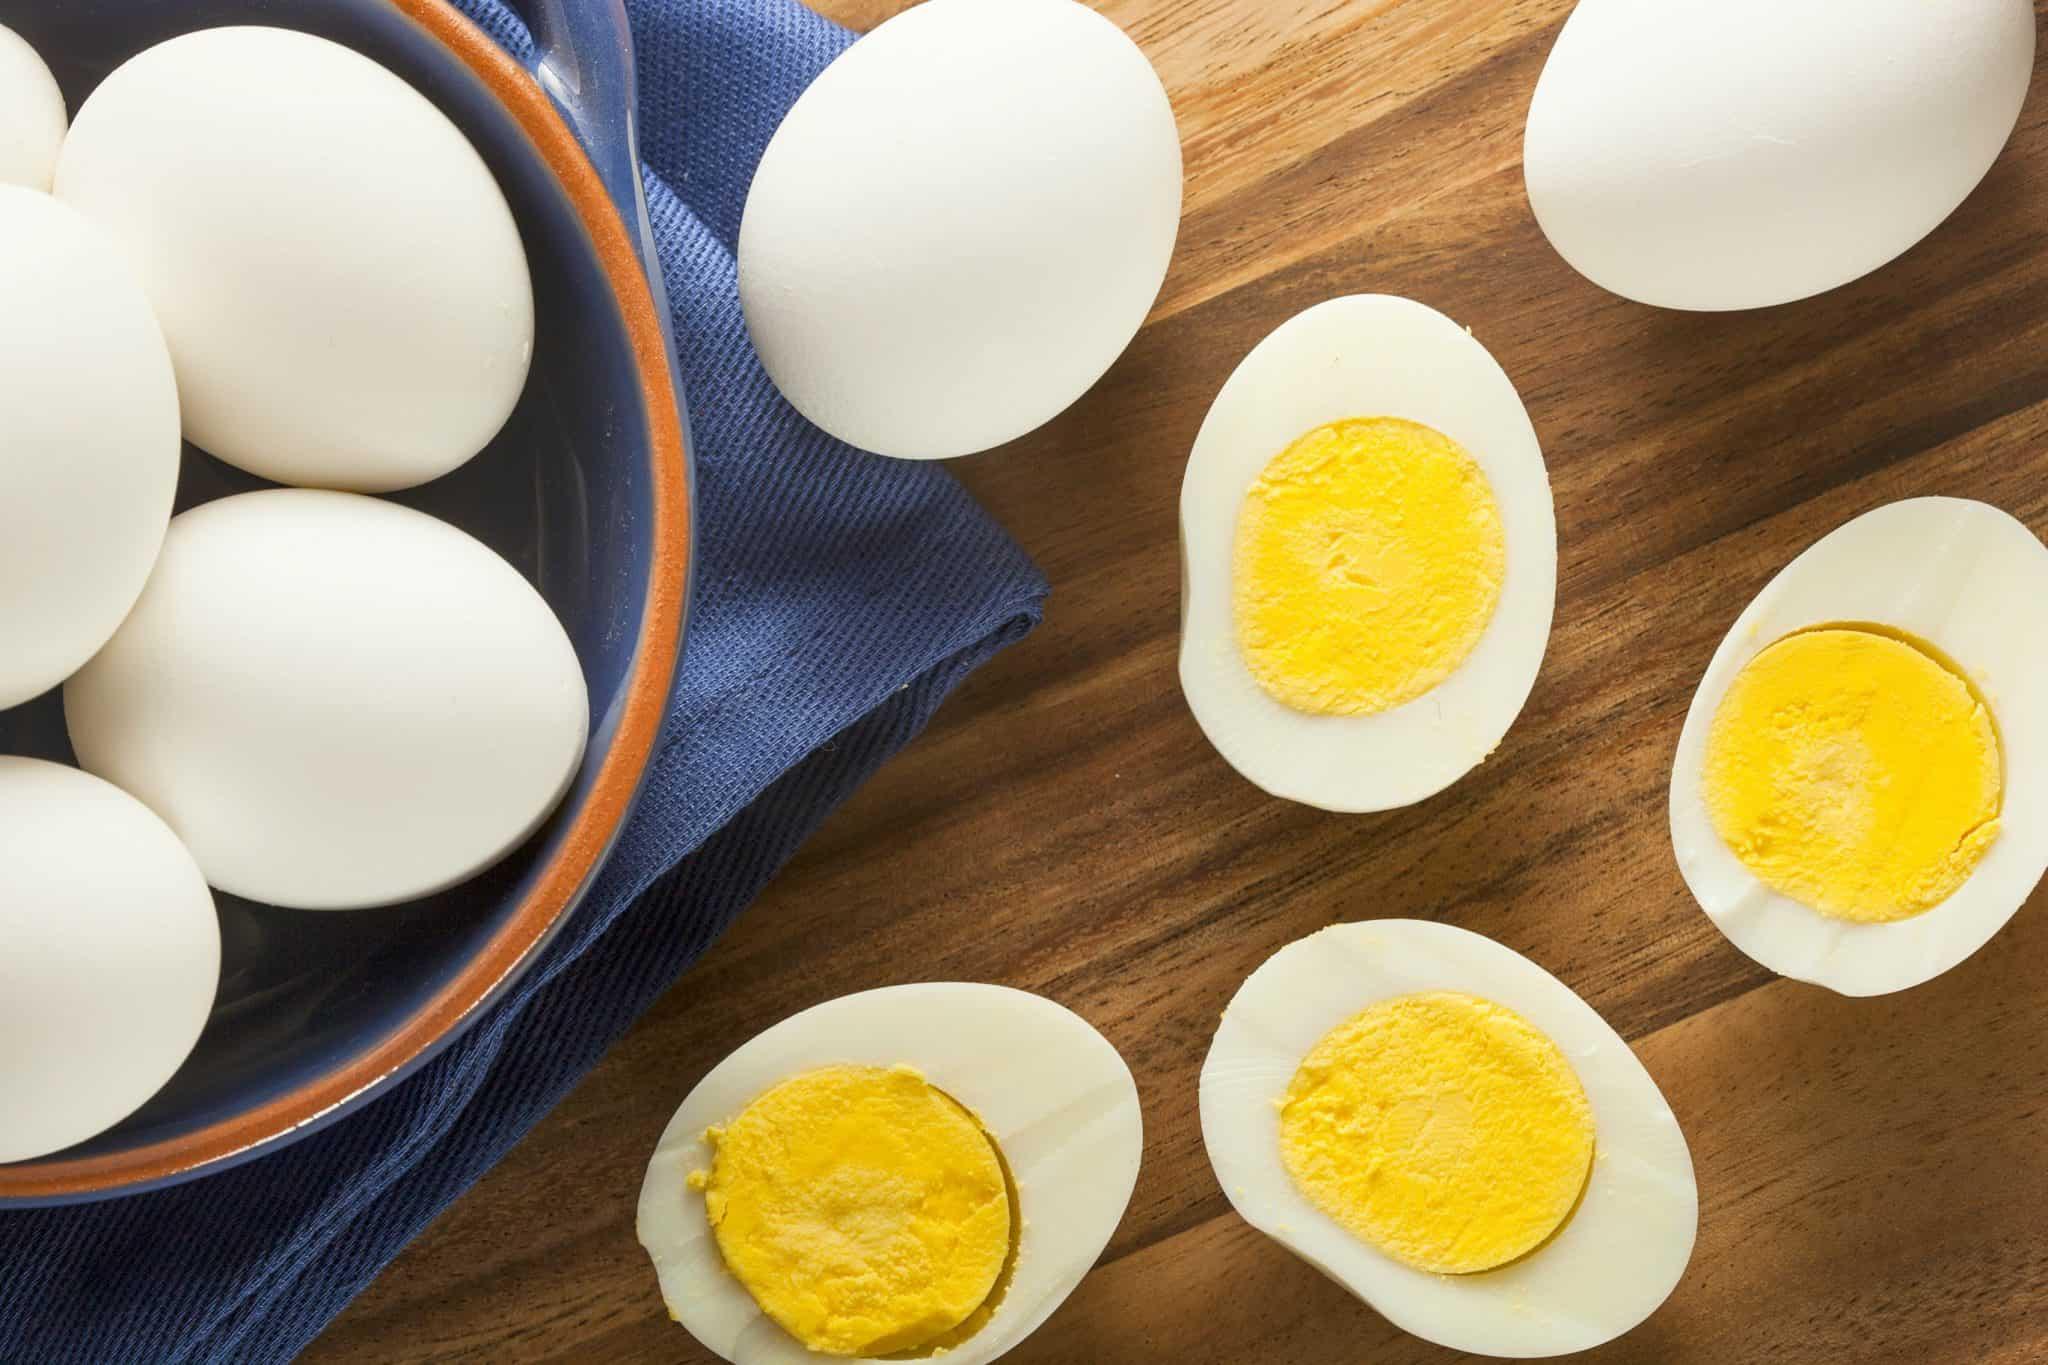 هل تناول البيض يسبب أمراض القلب وارتفاع الكوليسترول؟